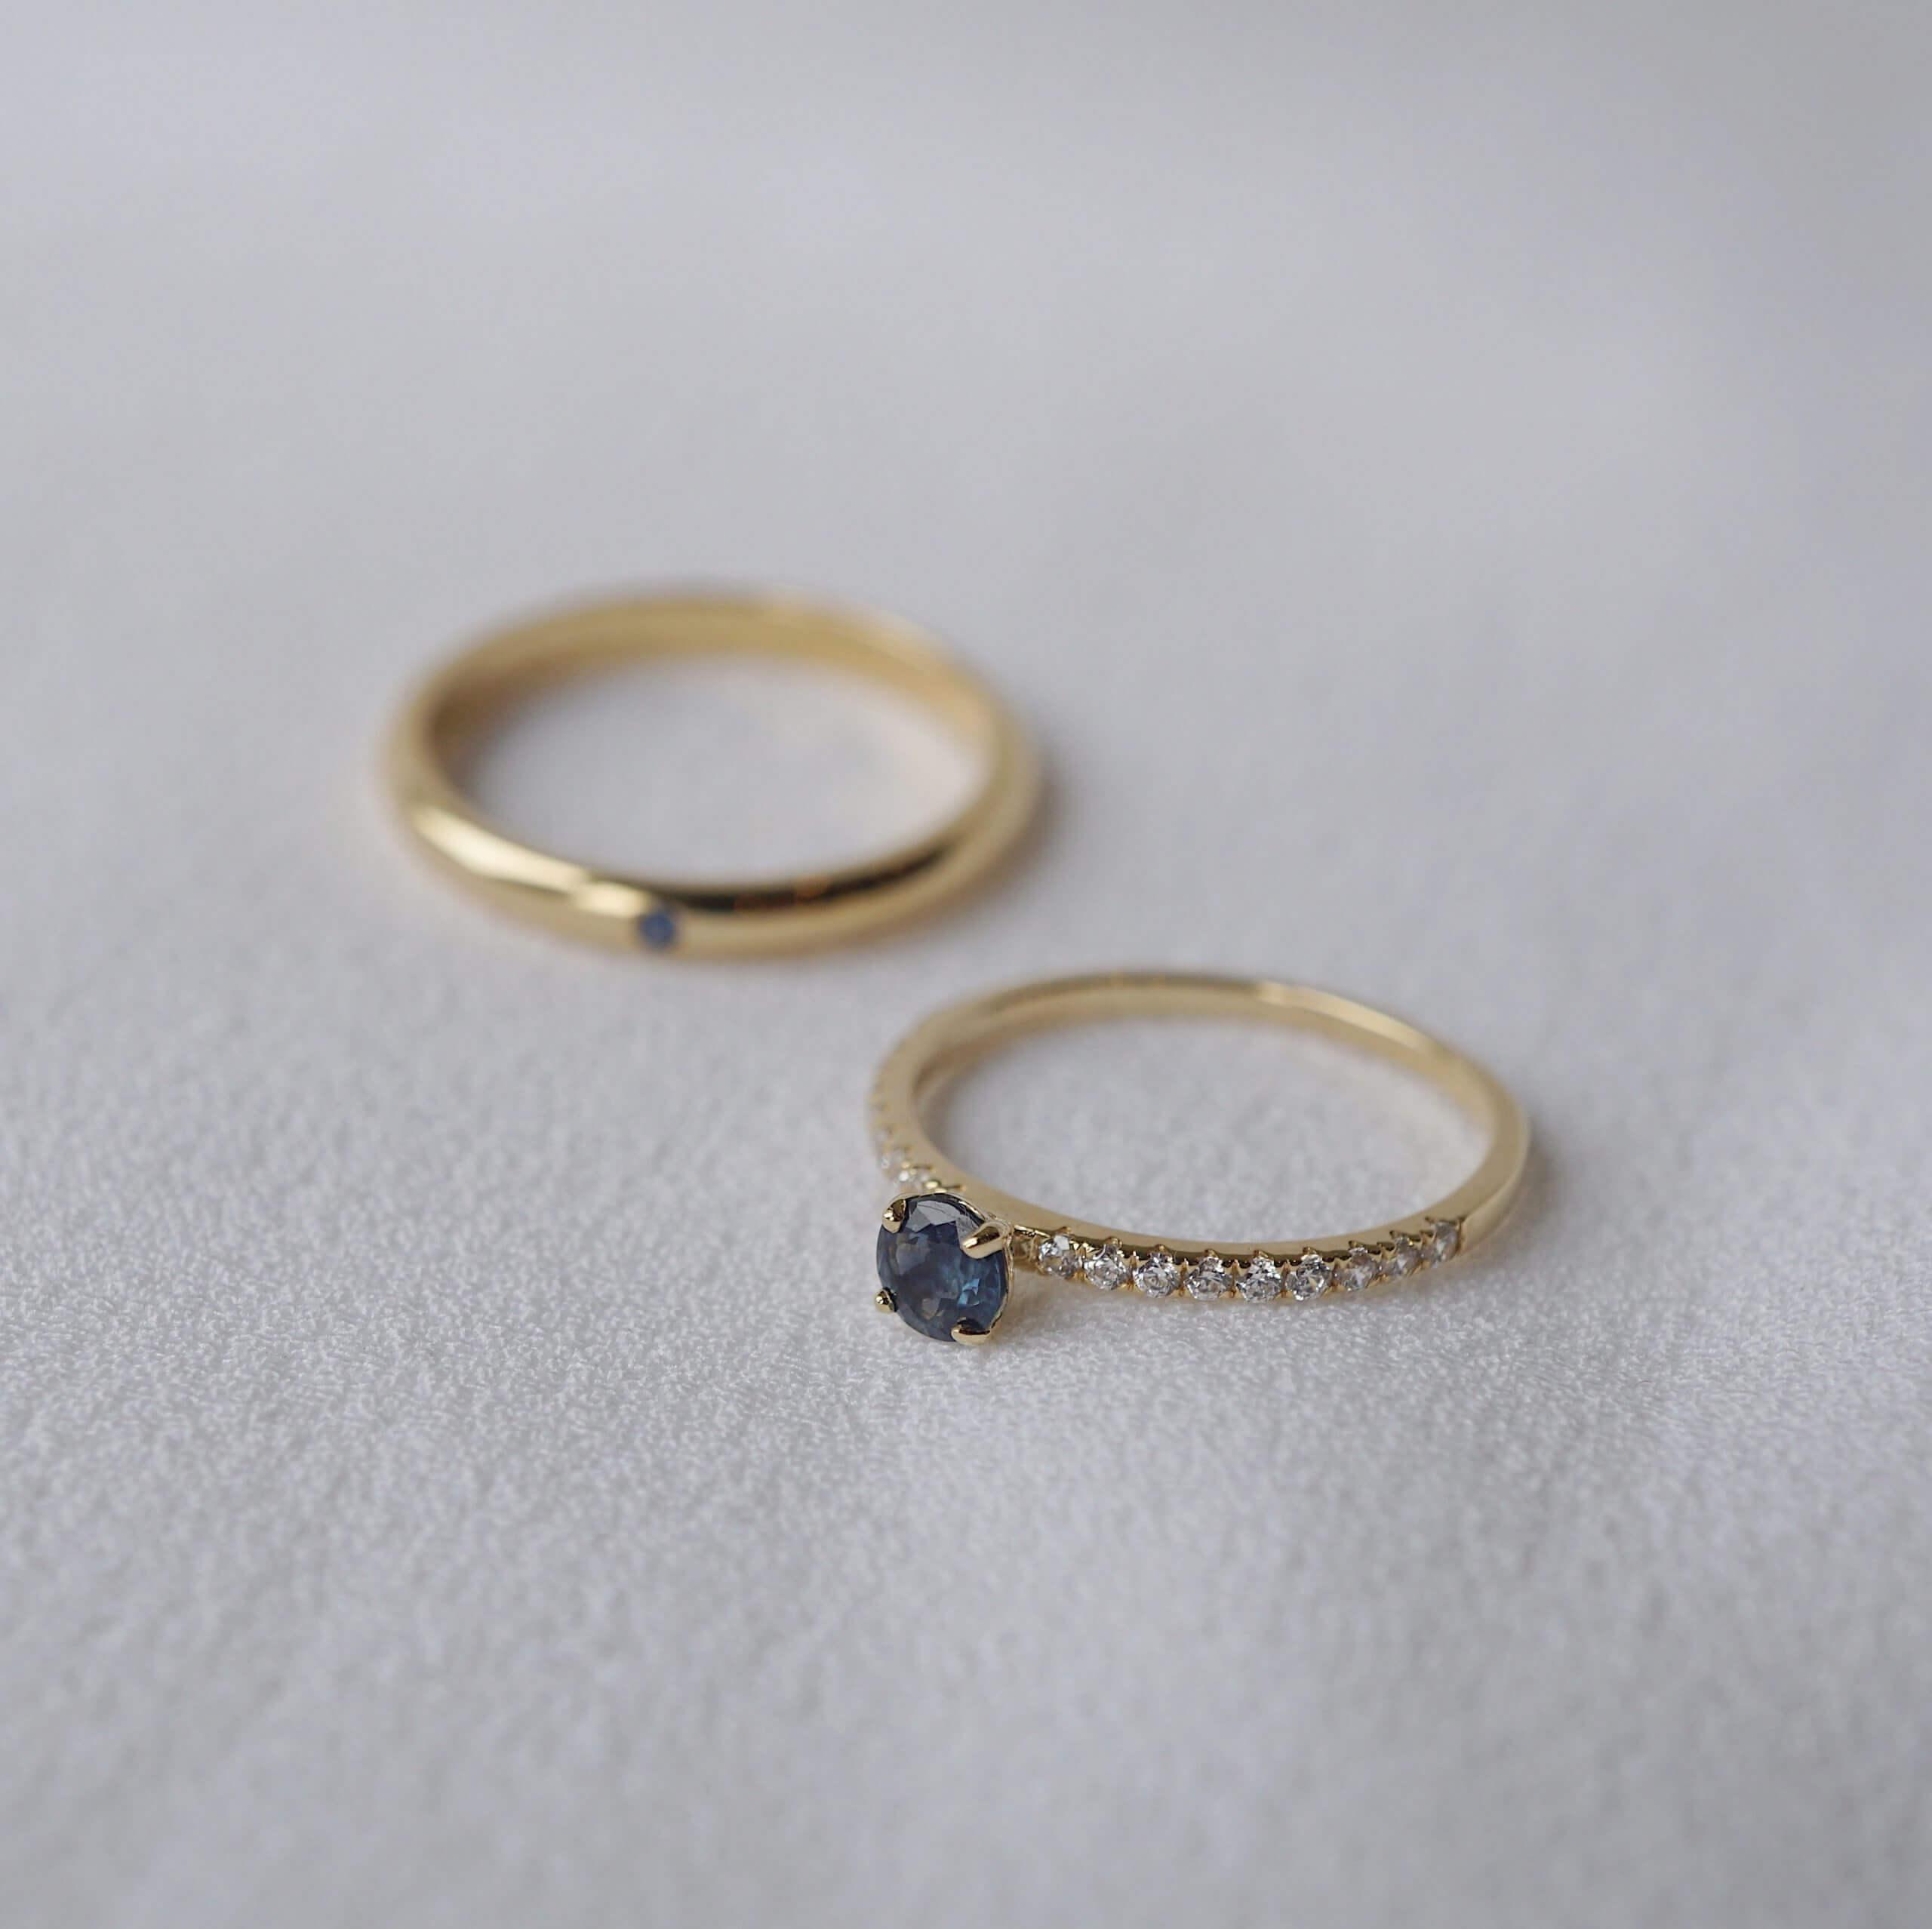 Nhẫn cưới đính đá có ý nghĩa gì?